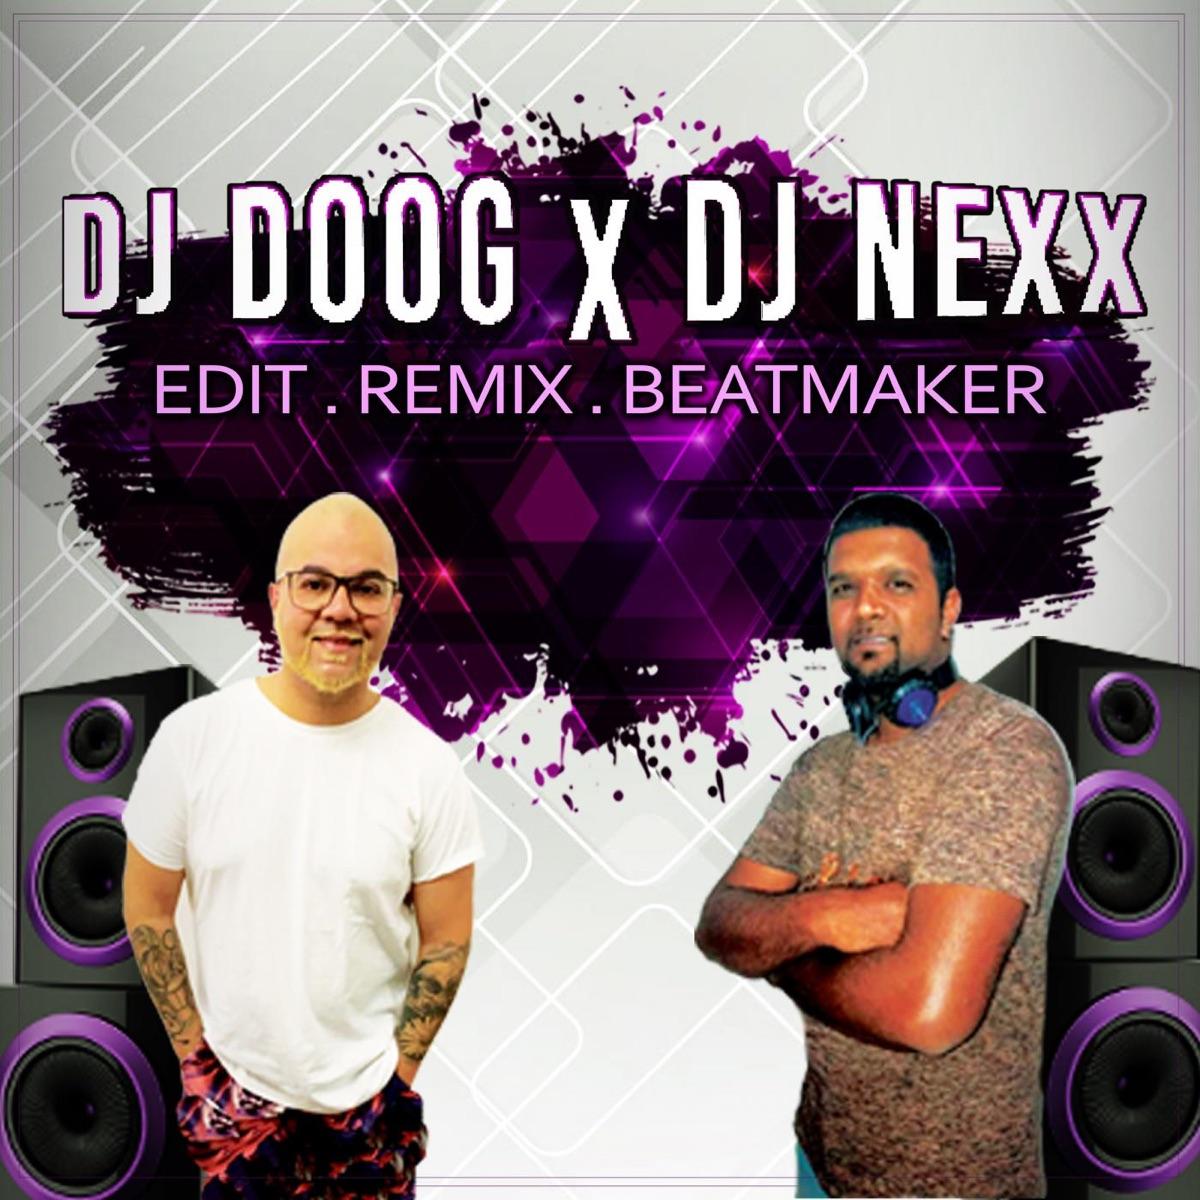 DJ DOOG X DJ NEXX